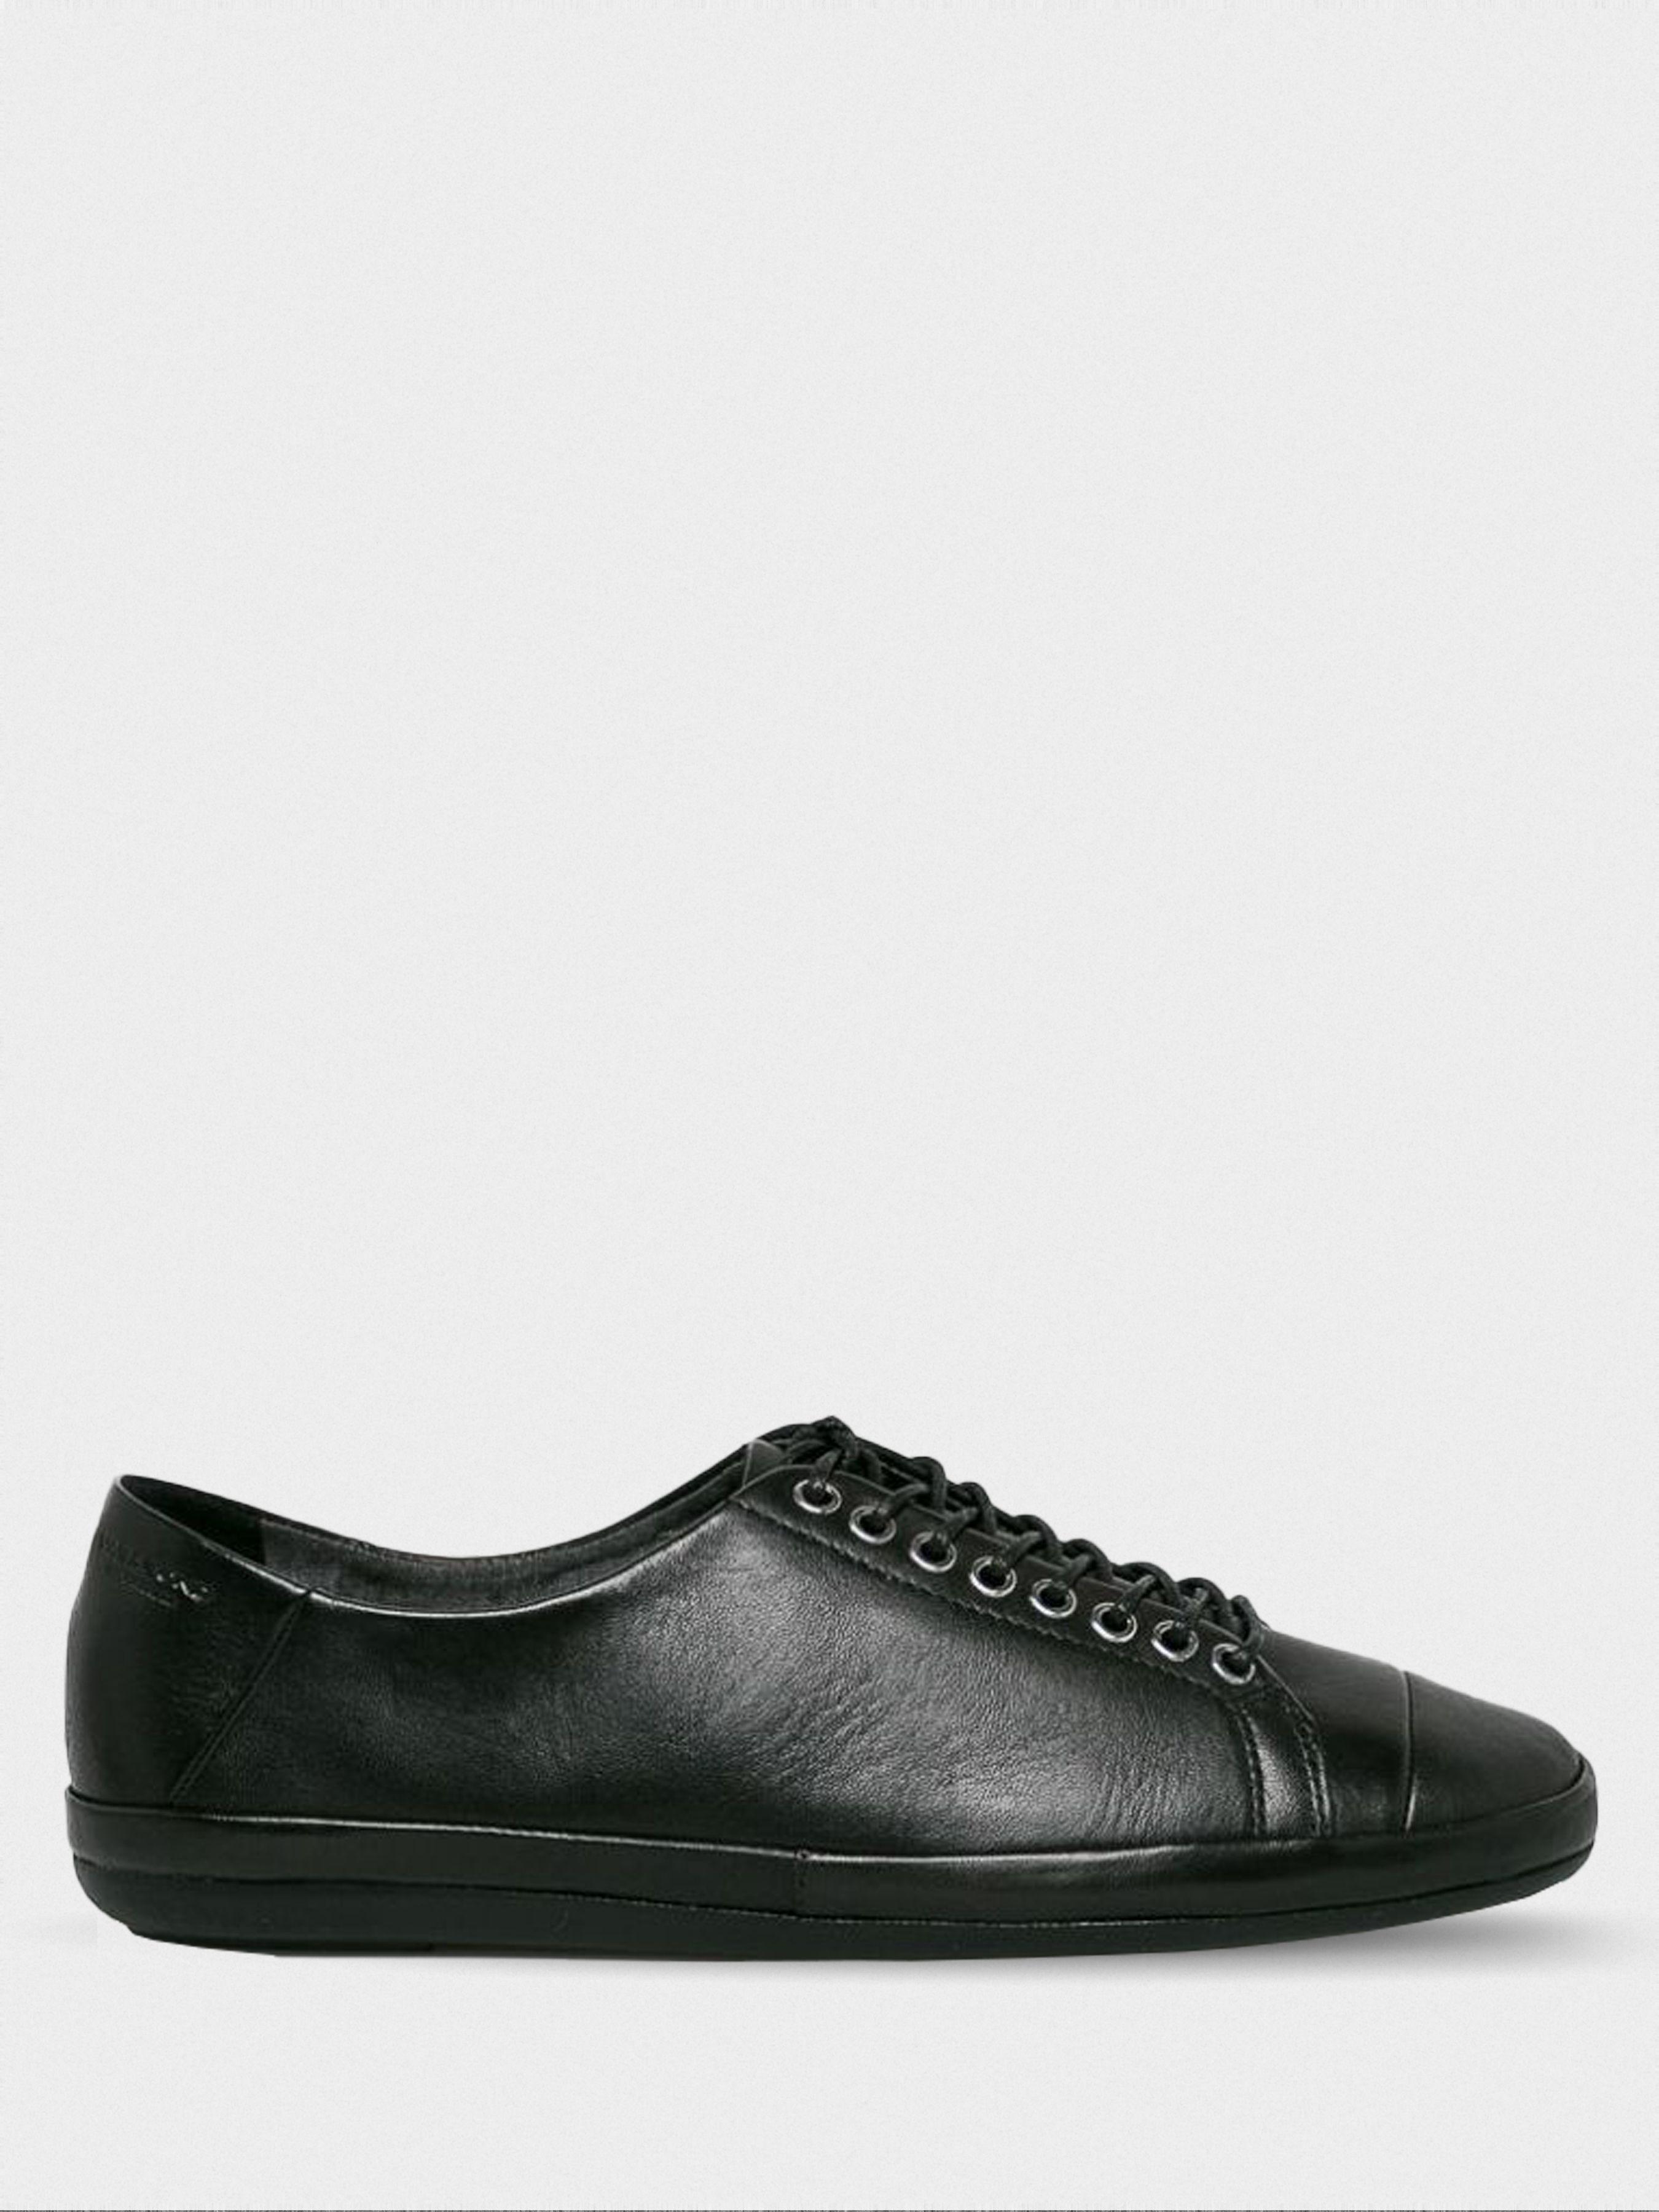 Полуботинки женские VAGABOND ROSE VW5149 купить обувь, 2017